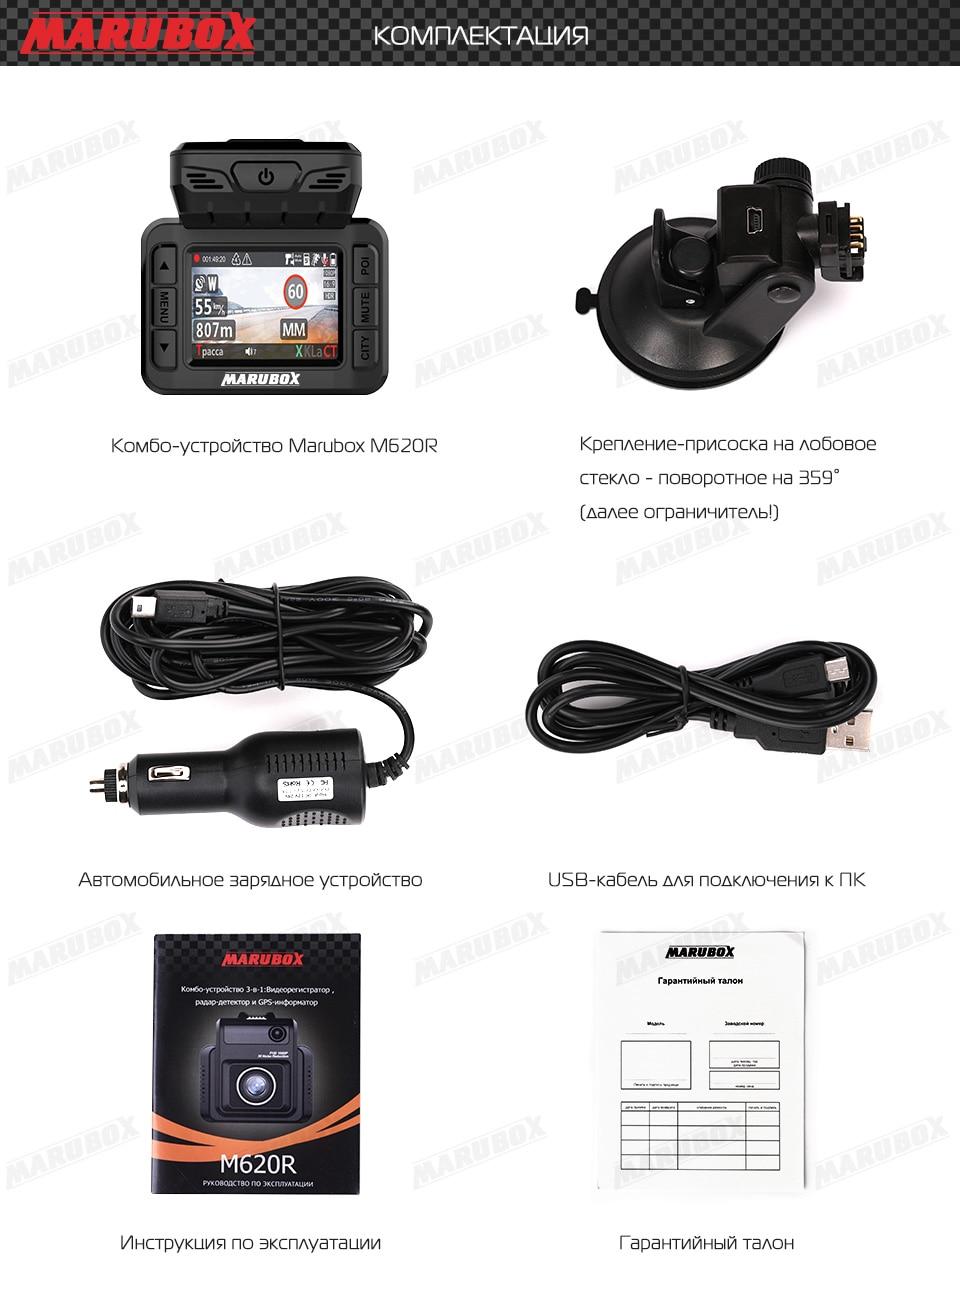 Marubox M620R Автомобильный видеорегистратор Комбо-устройство 3 в 1: Видеорегистратор радар-детектор и GPS-информатор Гибрид Процессор Ambarella А7 Записи видео в разрешении 2304x1296 Обновленные базы радаров